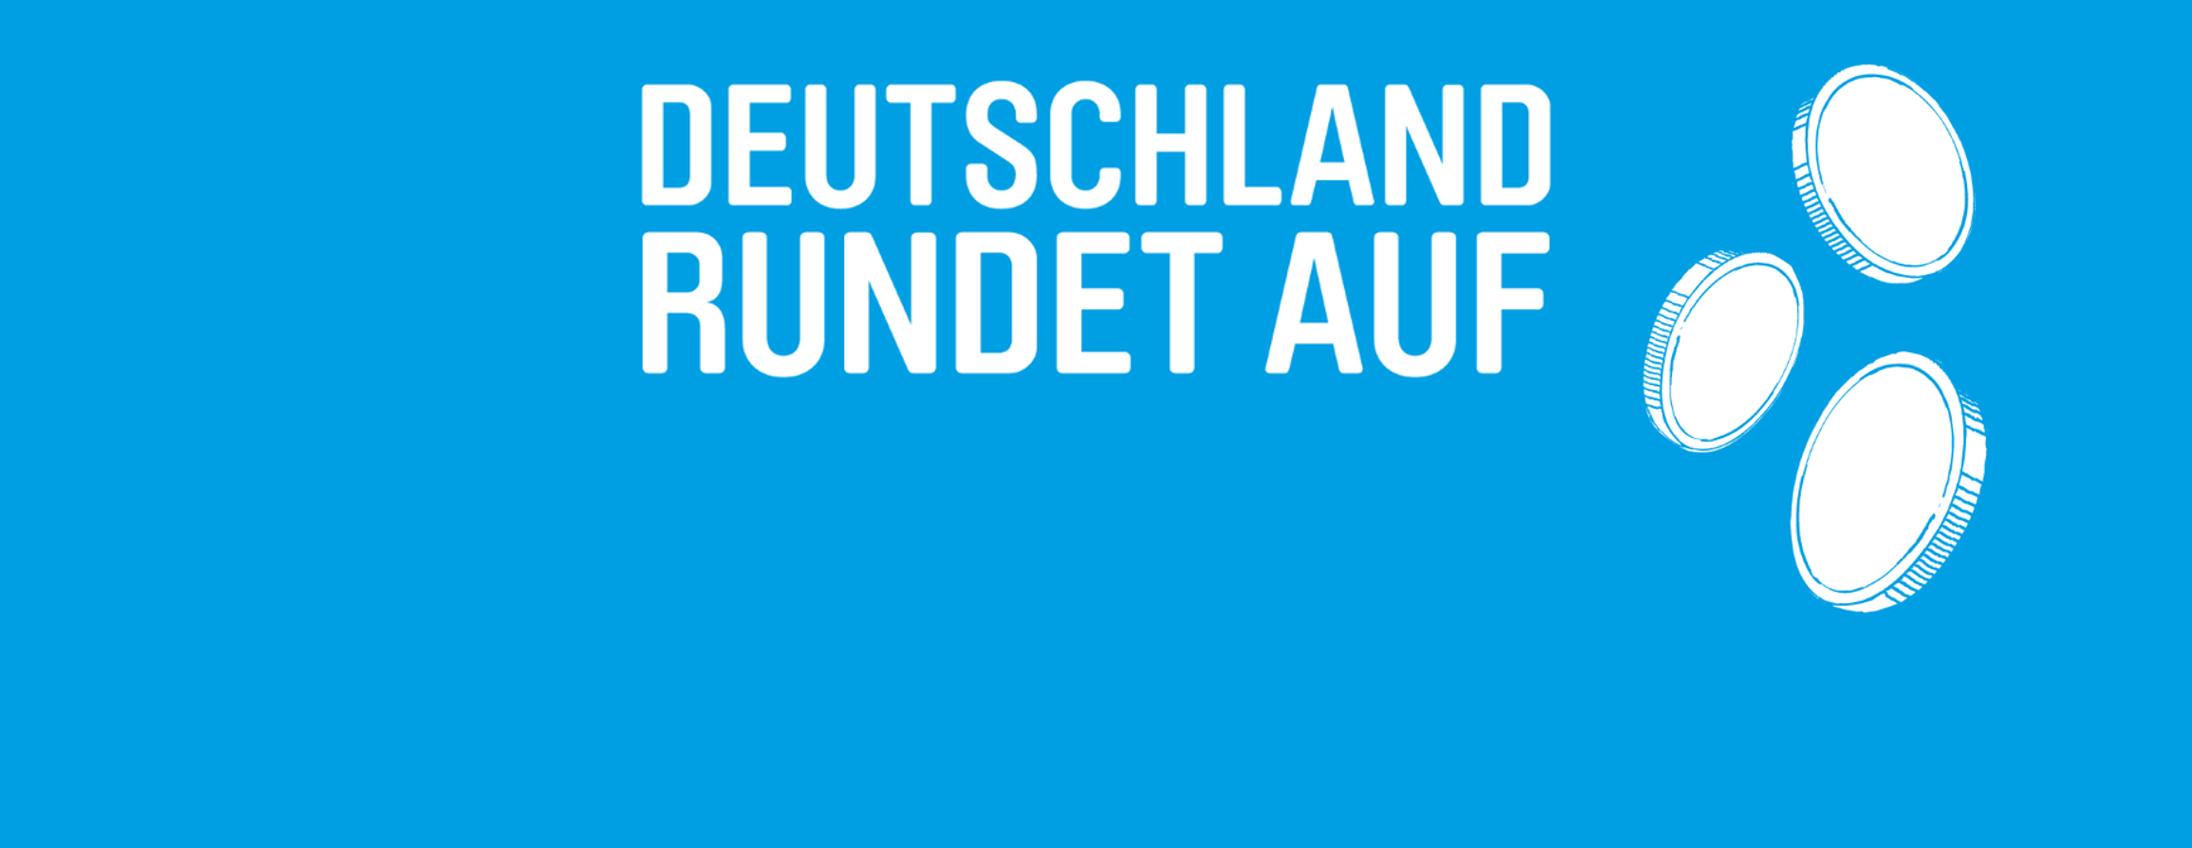 deutschland rundet auf Logo